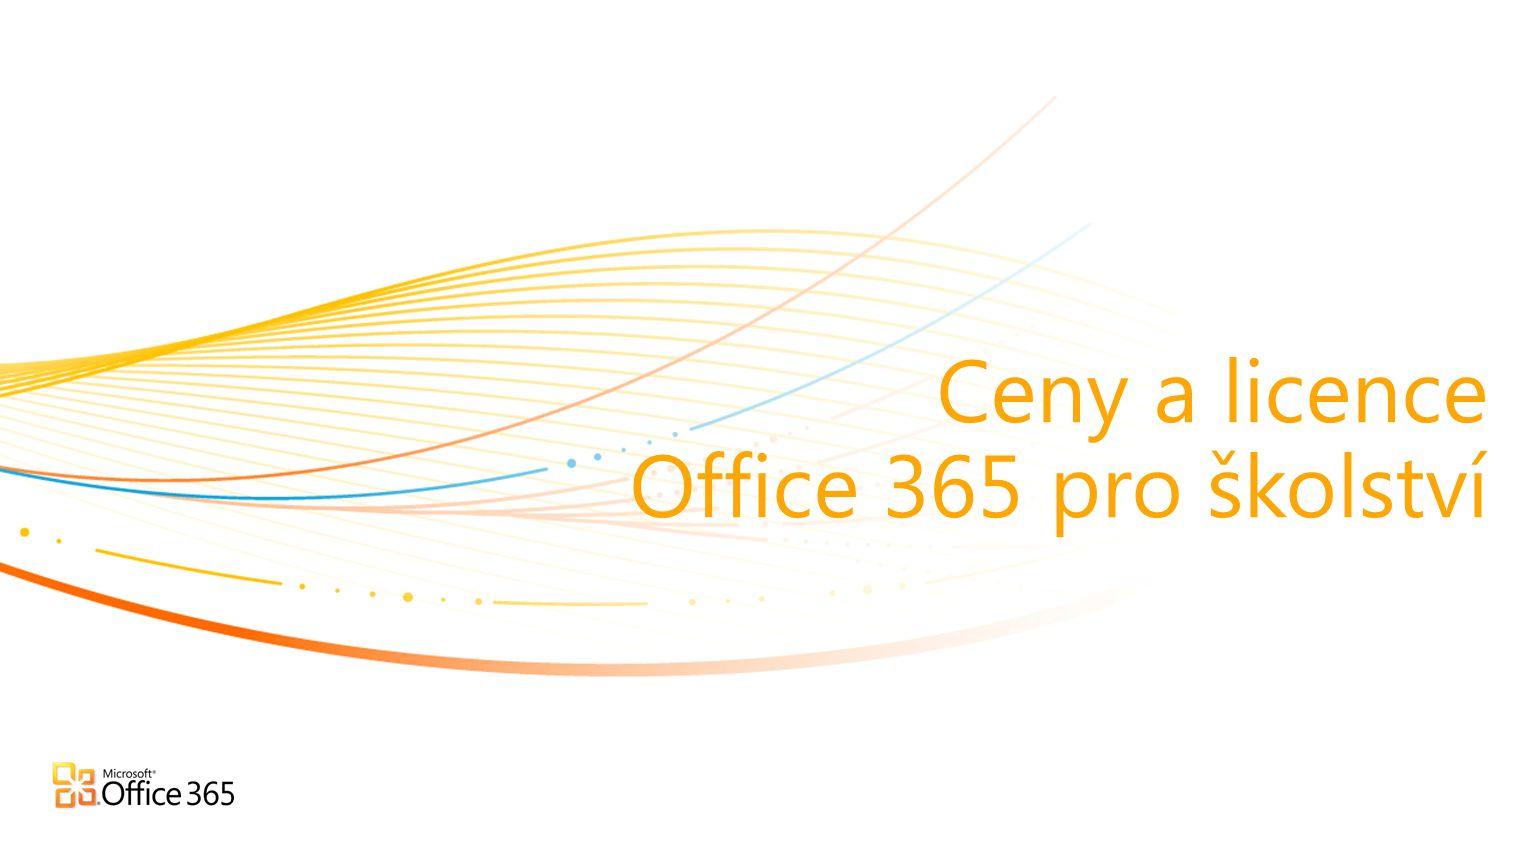 Lync, Lync Attendee Outlook Web App Outlook Lync Web Scheduler Online komunikace a spolupráce Presence, IM, audio/video hovory Online schůzky (plánování, sdílení obsahu, nahrávání) Mobilní zařízení (aplikace)